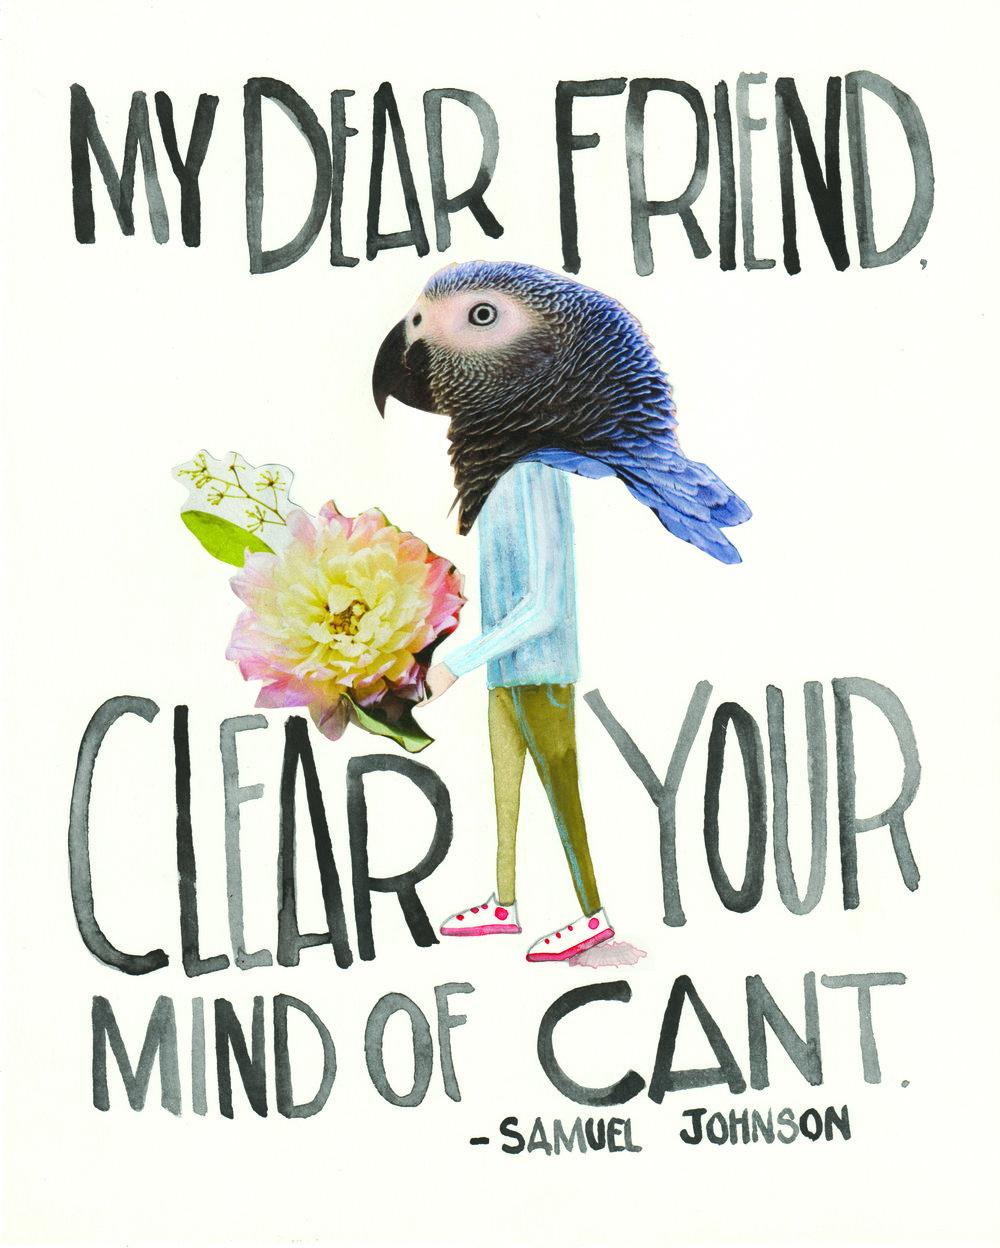 DearFriend_Clear.jpg